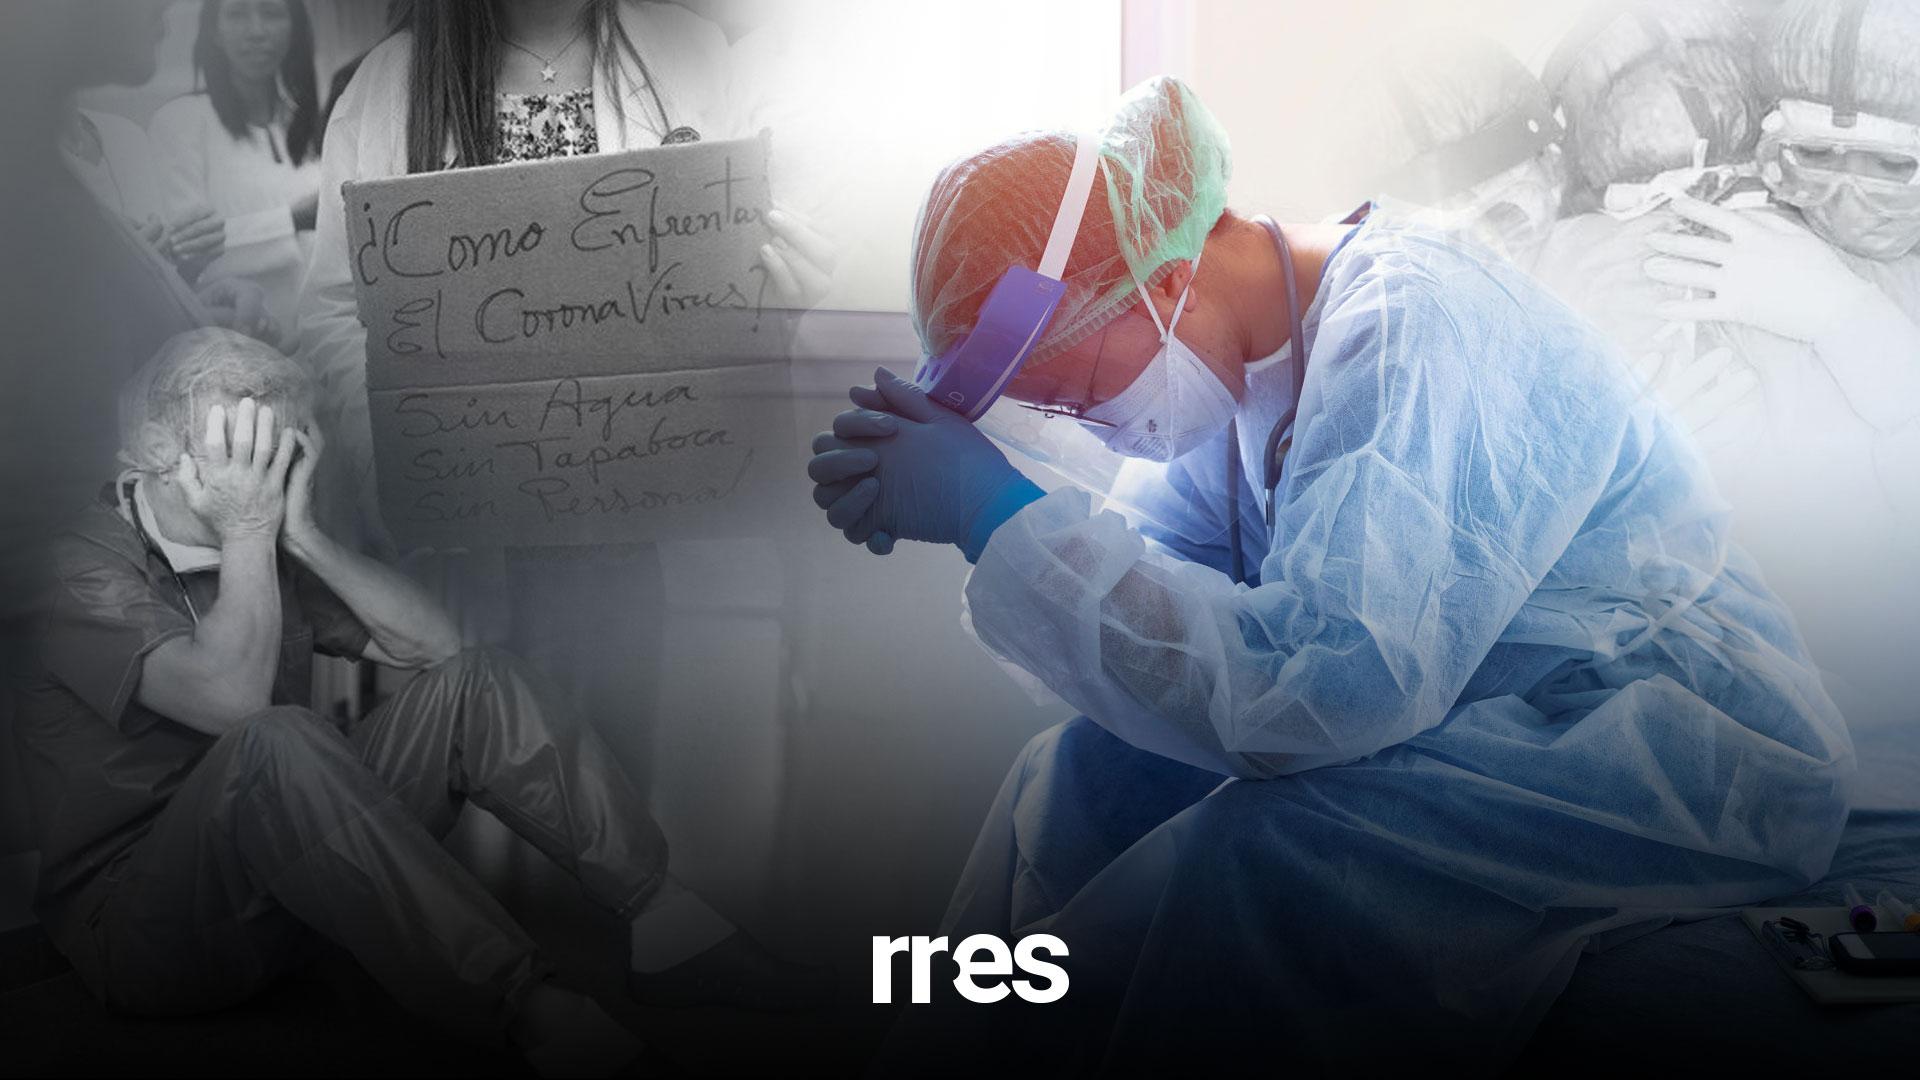 """""""¿Y si soy yo el que sigue?"""" Miedo y desesperanza en el personal de salud venezolano al llegar a 309 colegas fallecidos por COVID-19"""